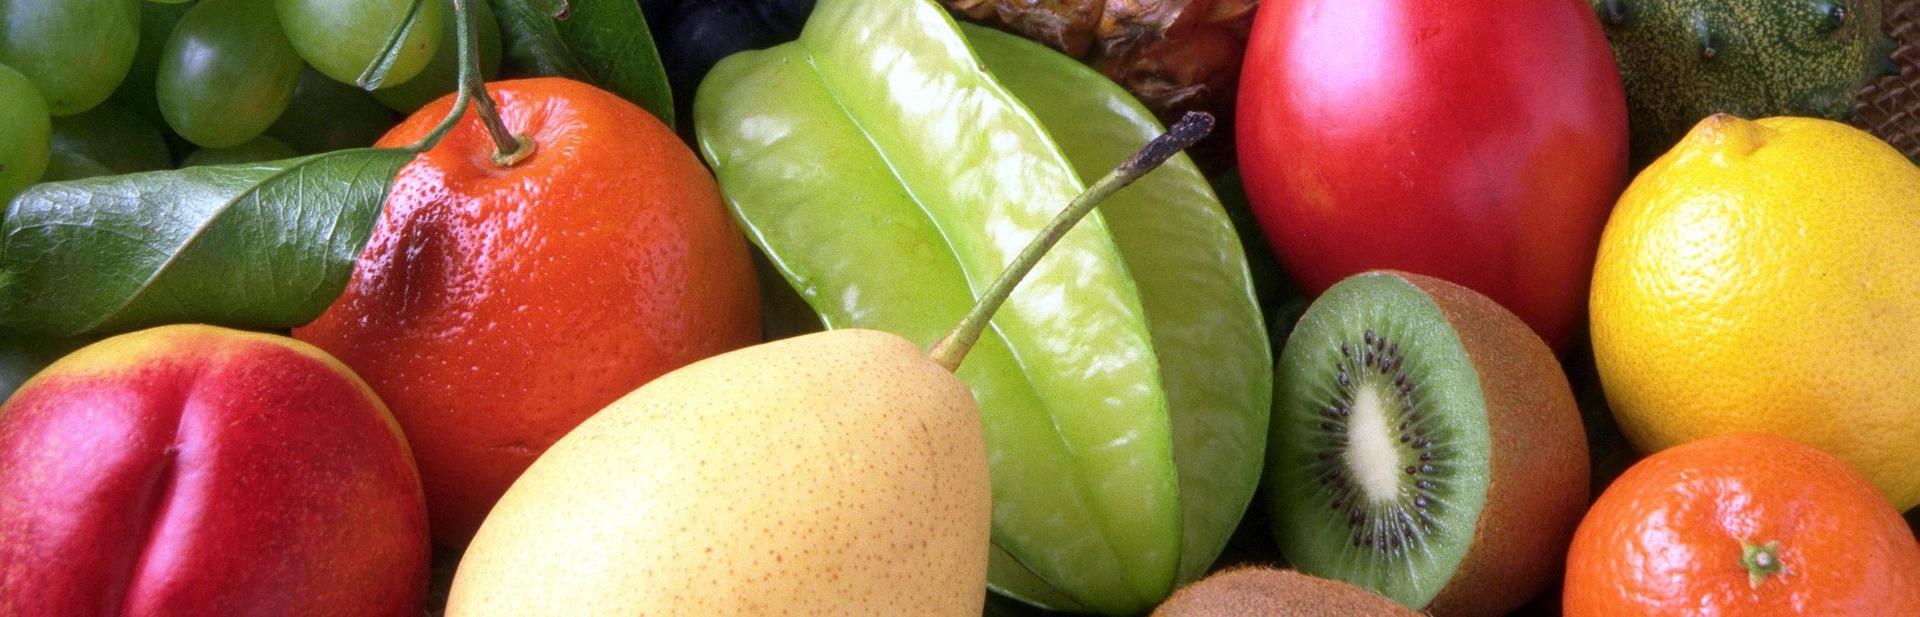 Fruits 82524 1920